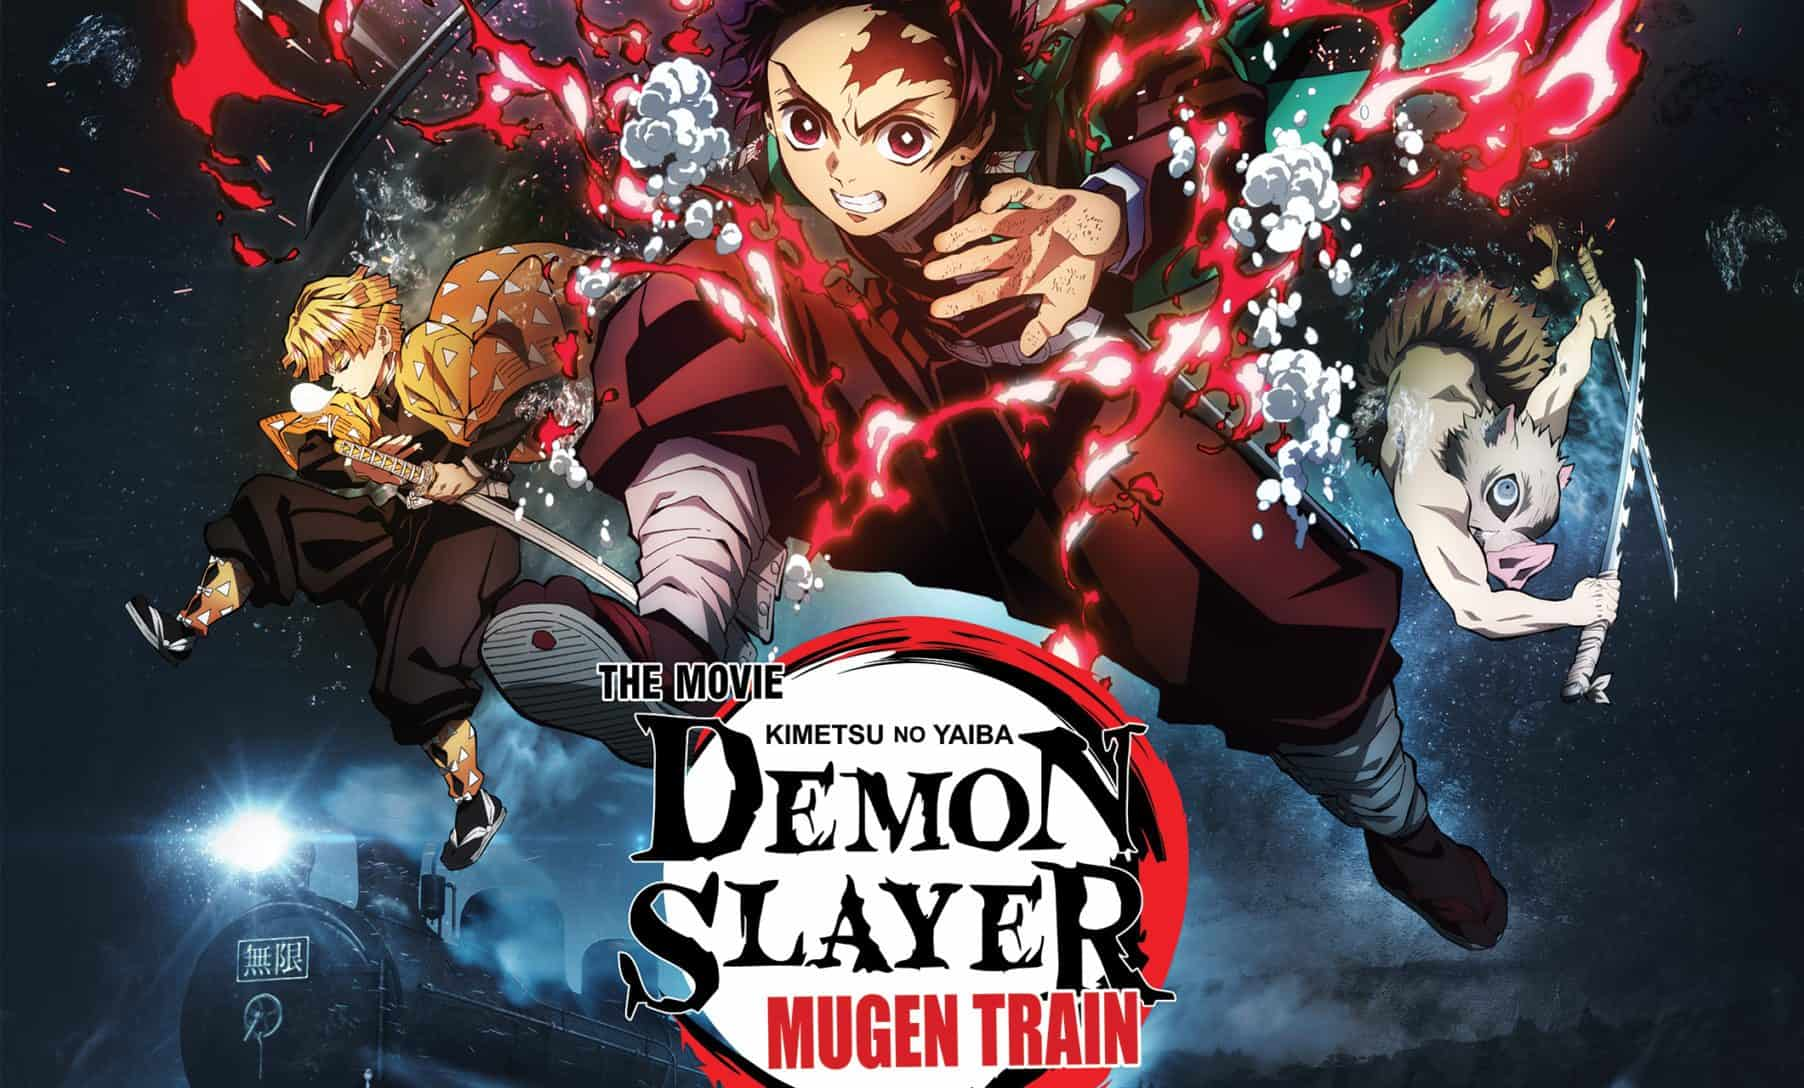 O filme de Demon Slayer é indicado ao Oscar japonês